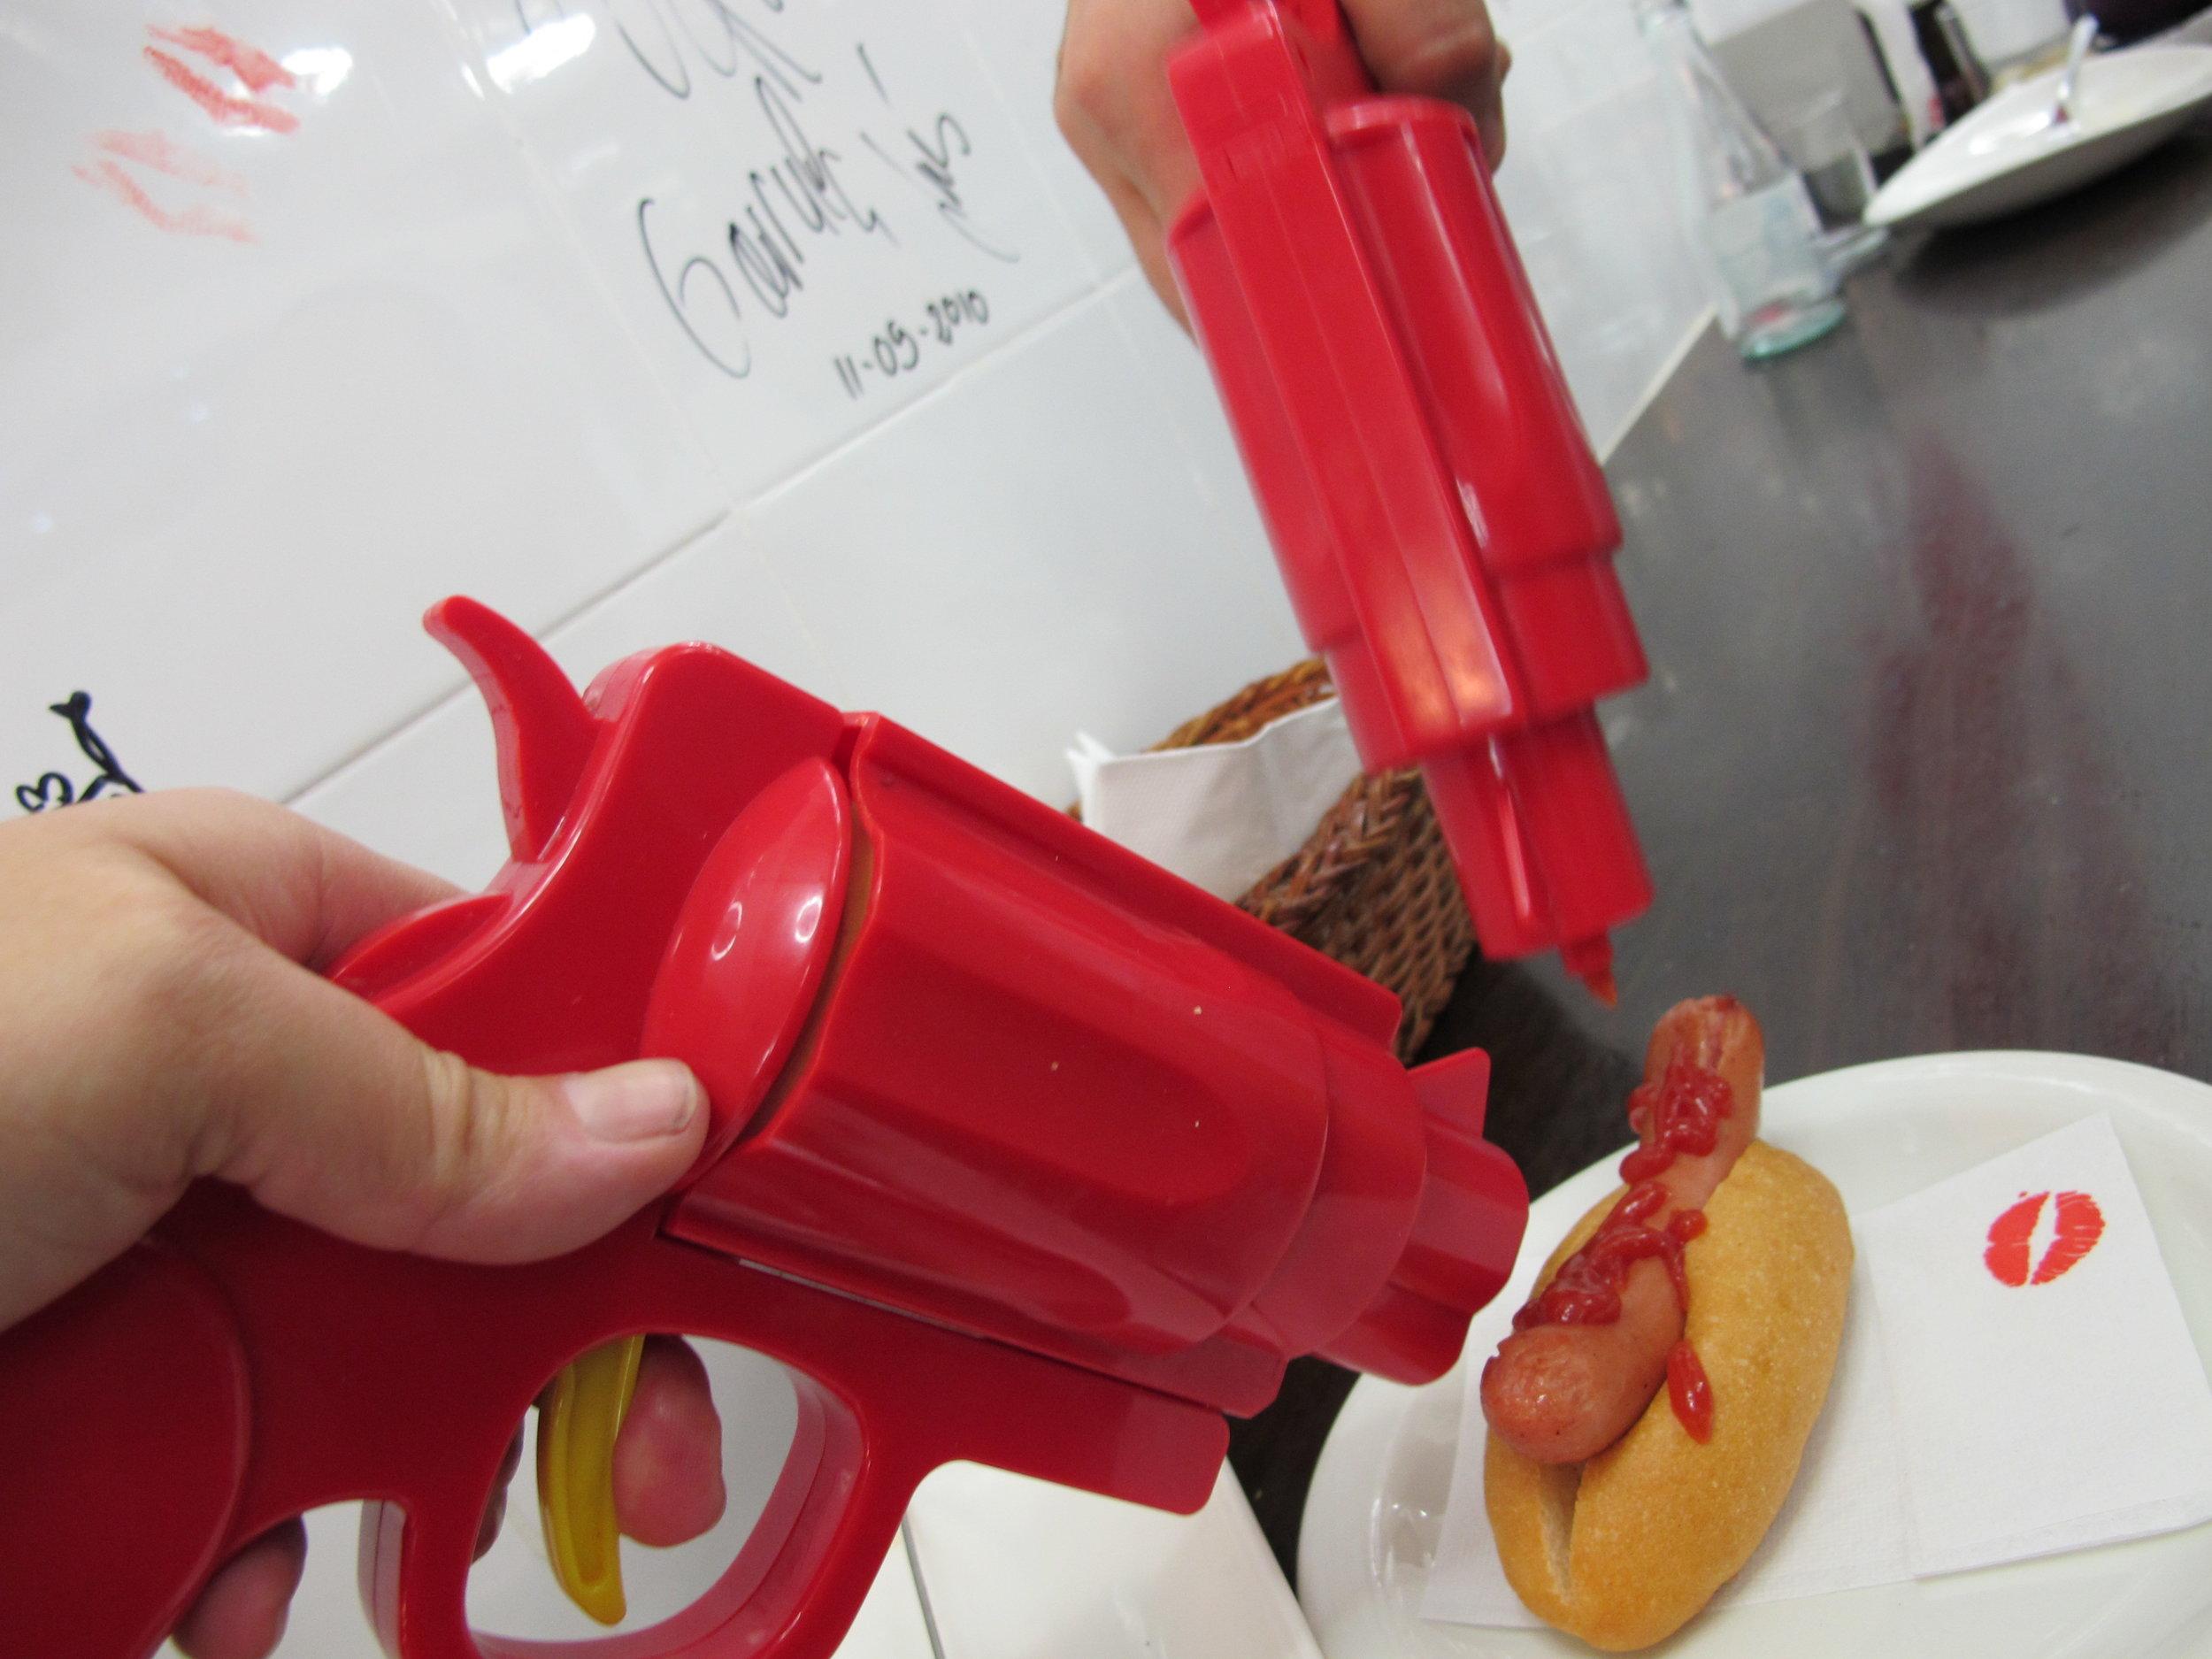 Lolita-El-Bulli-Ketchup-Guns.jpg